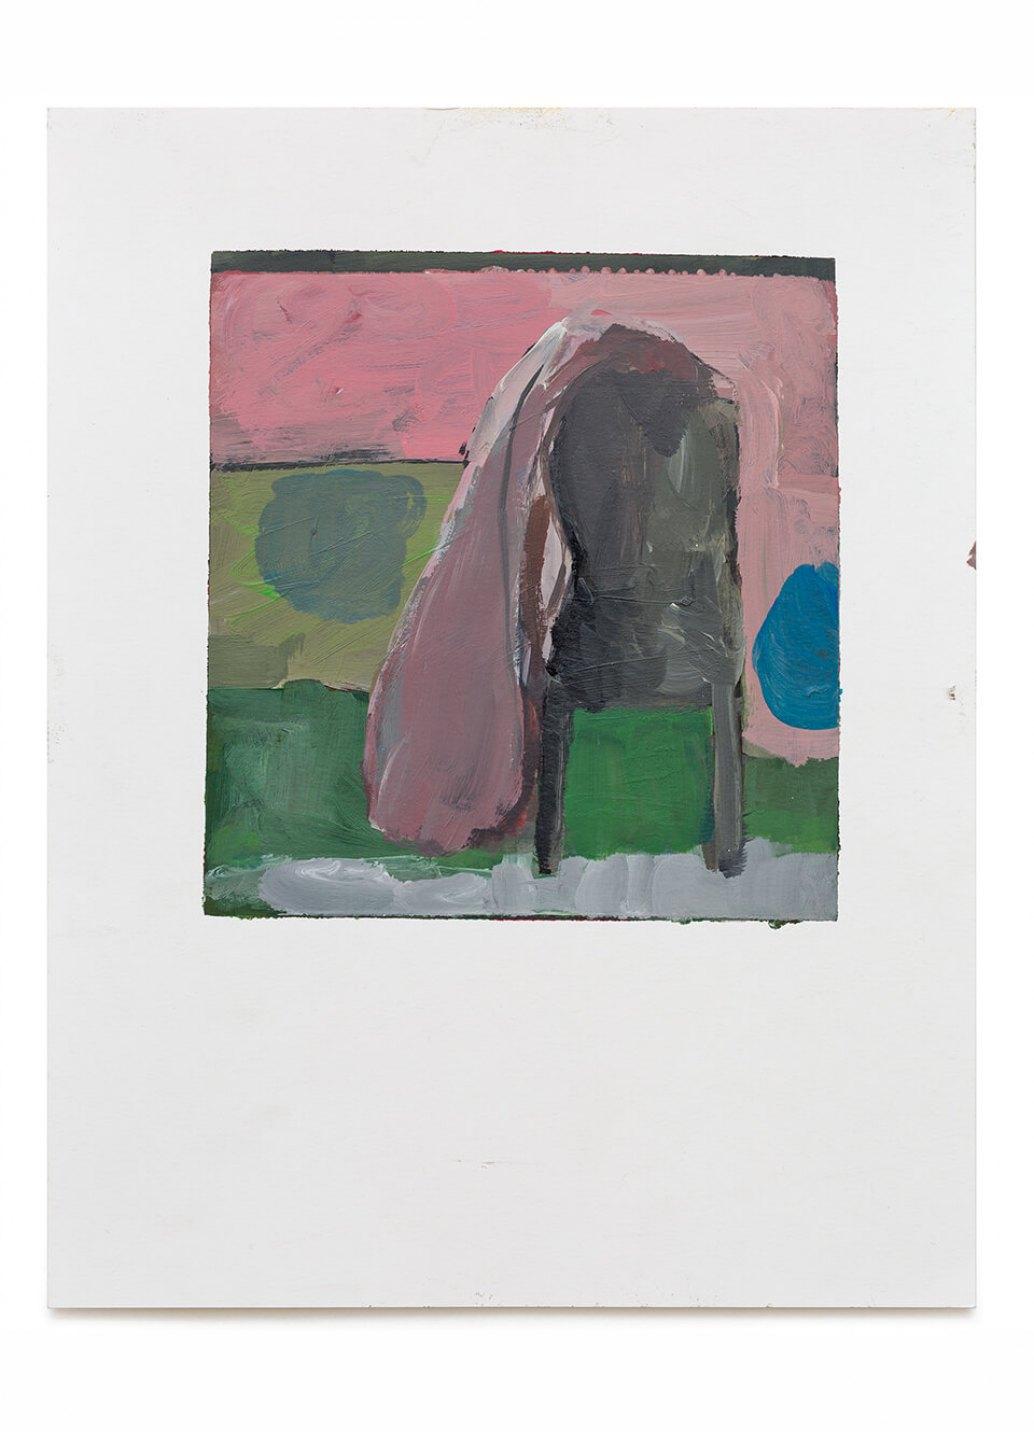 Samuel Rodrigues,<em>untitled</em>, 2014, acrylic on paper, 35 × 27 cm - Mendes Wood DM